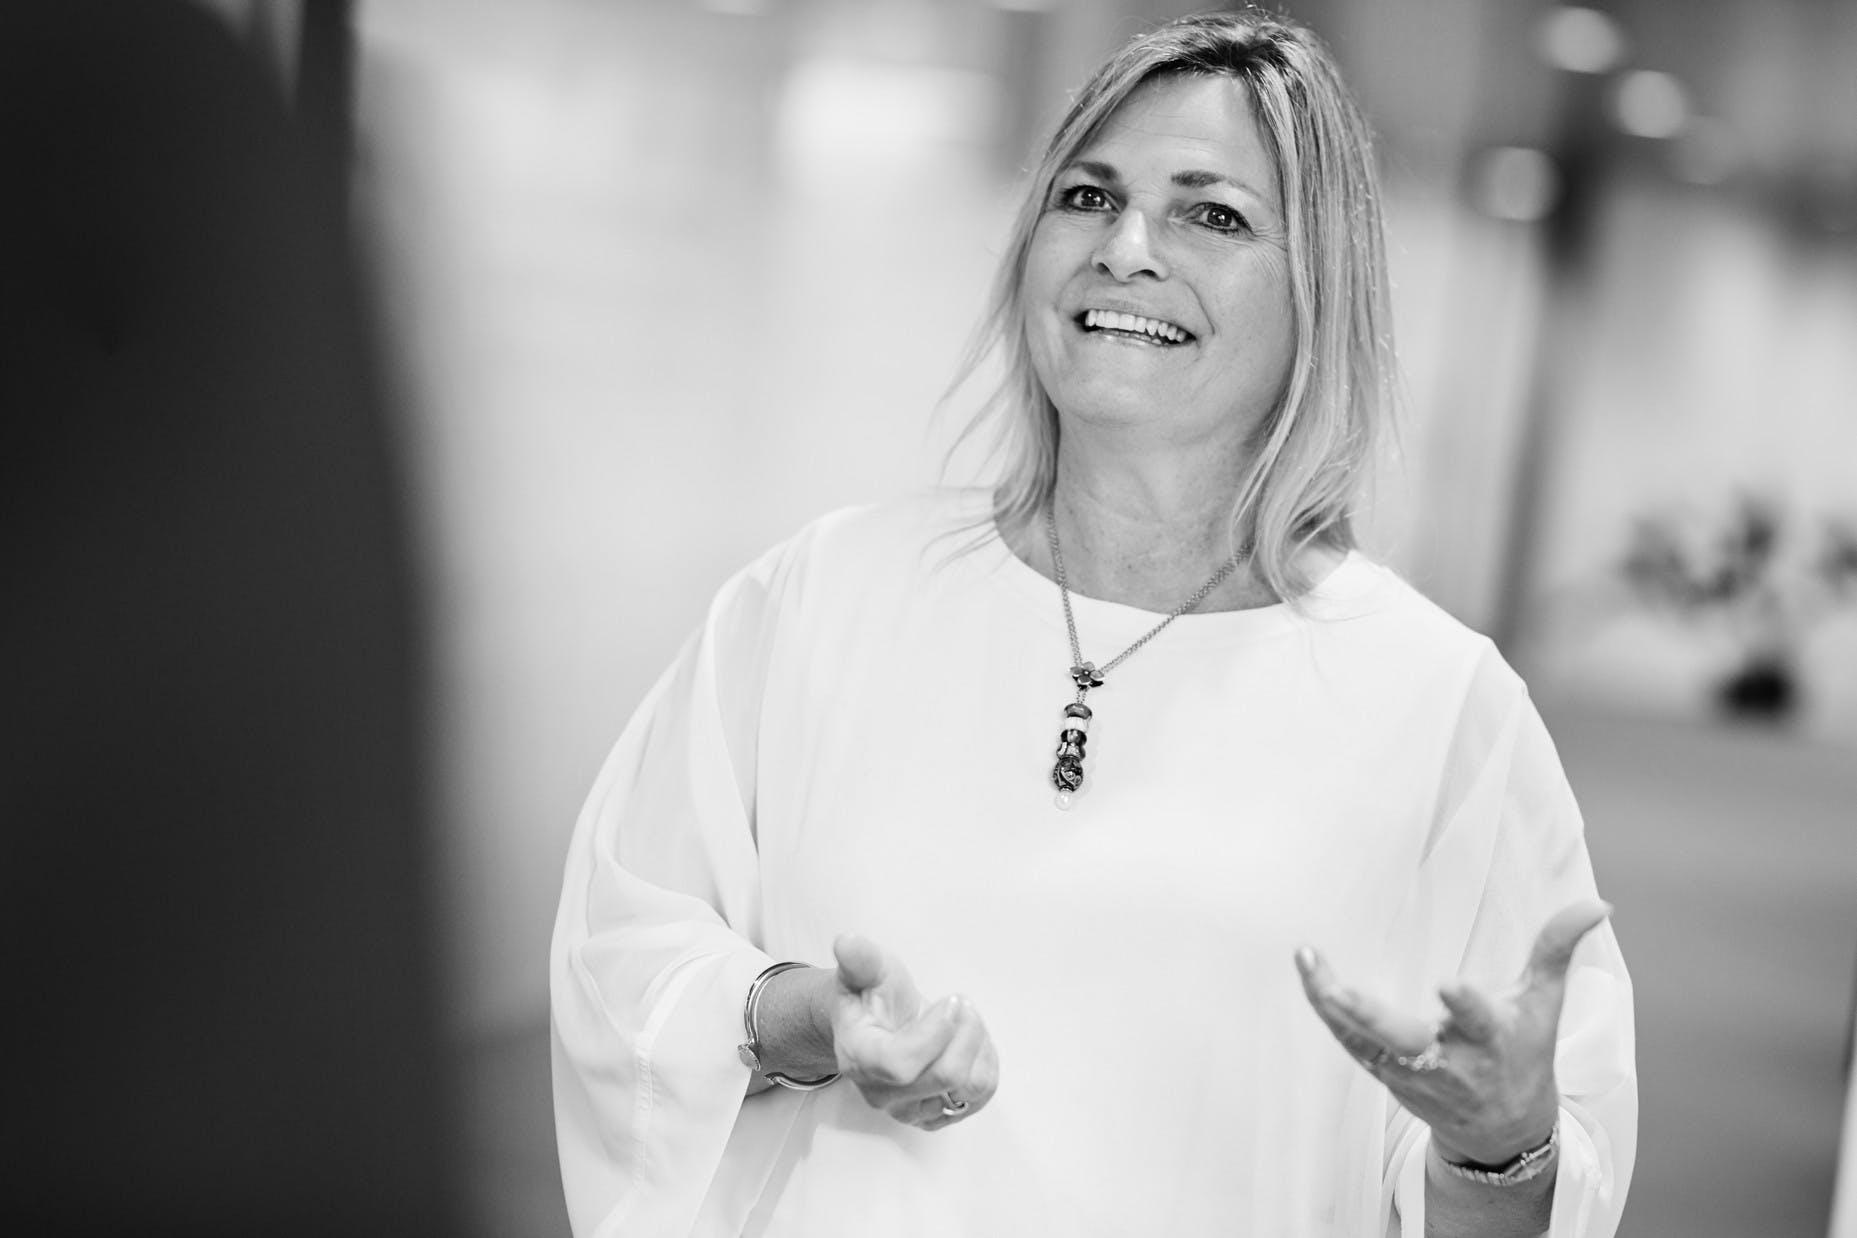 Anette Nørgaard